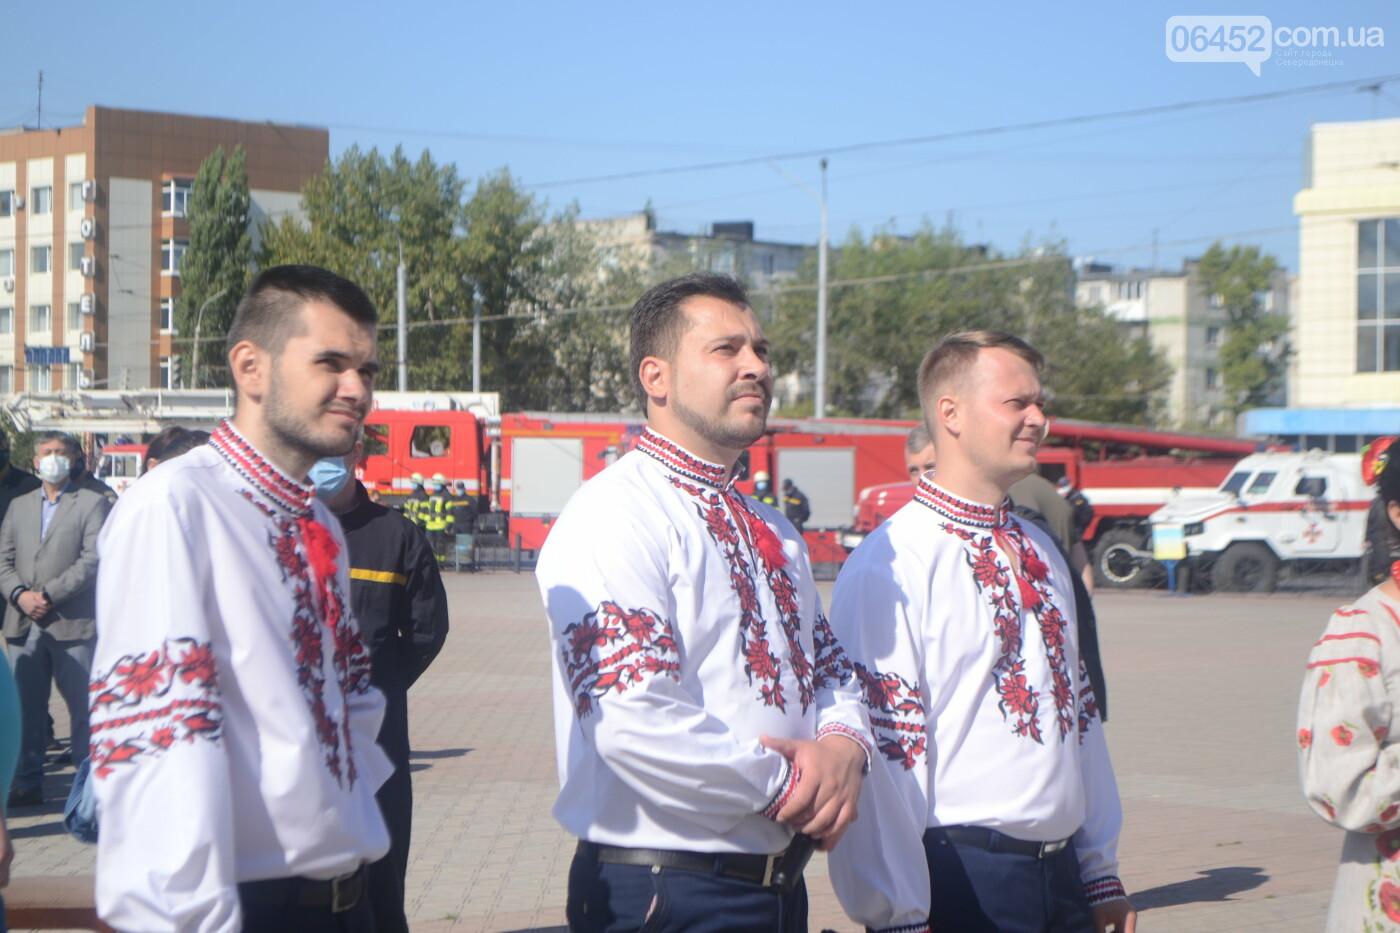 Северодончане отметили День спасателя Украины (фоторепортаж) , фото-13